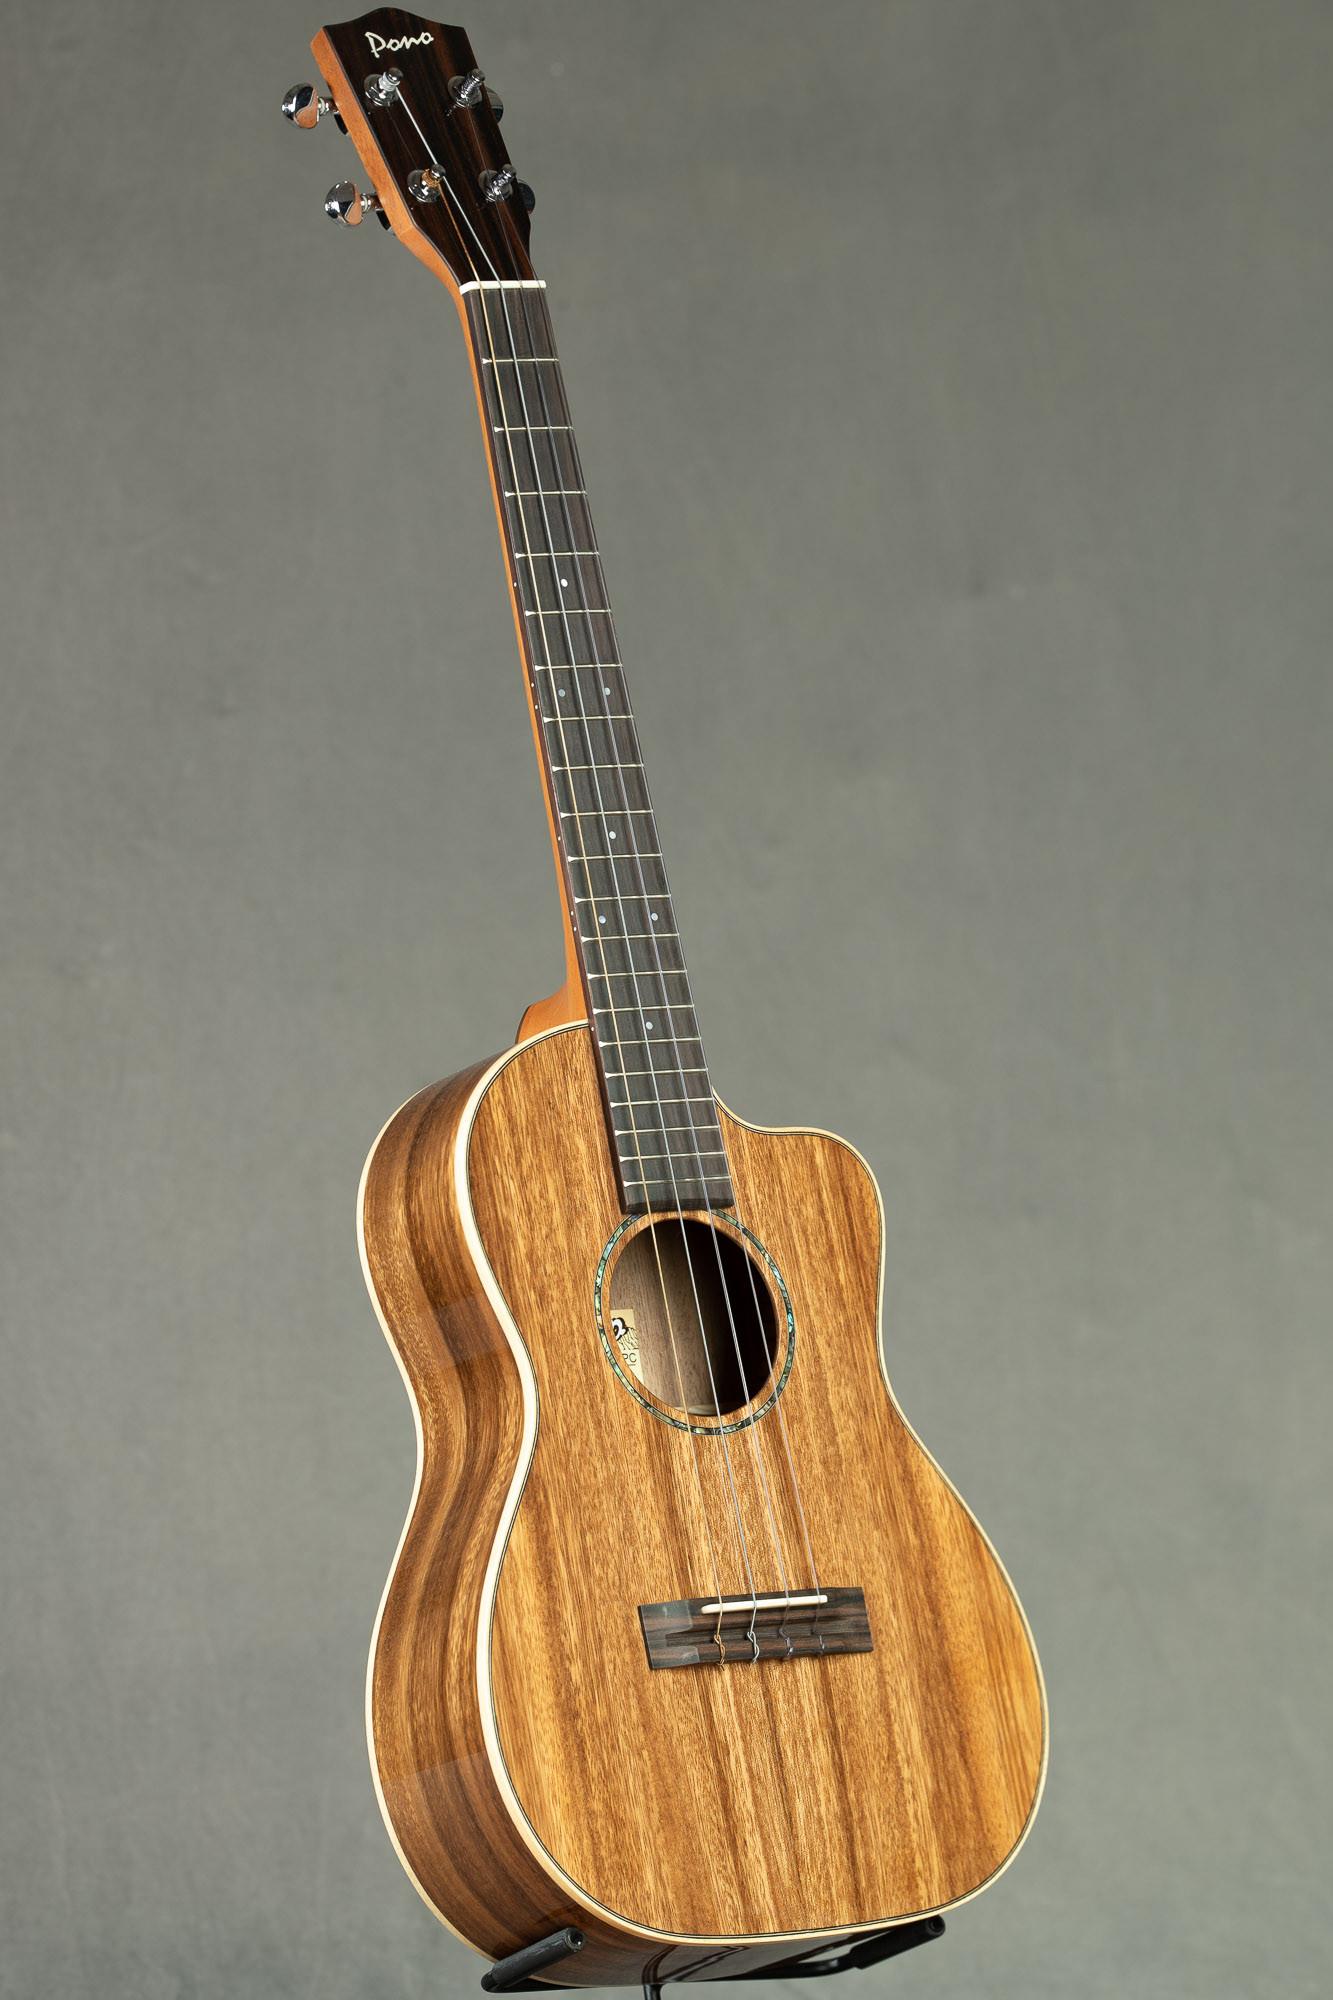 Pono Pro Classic Acacia Cutaway Baritone (ABC-PC 0173)